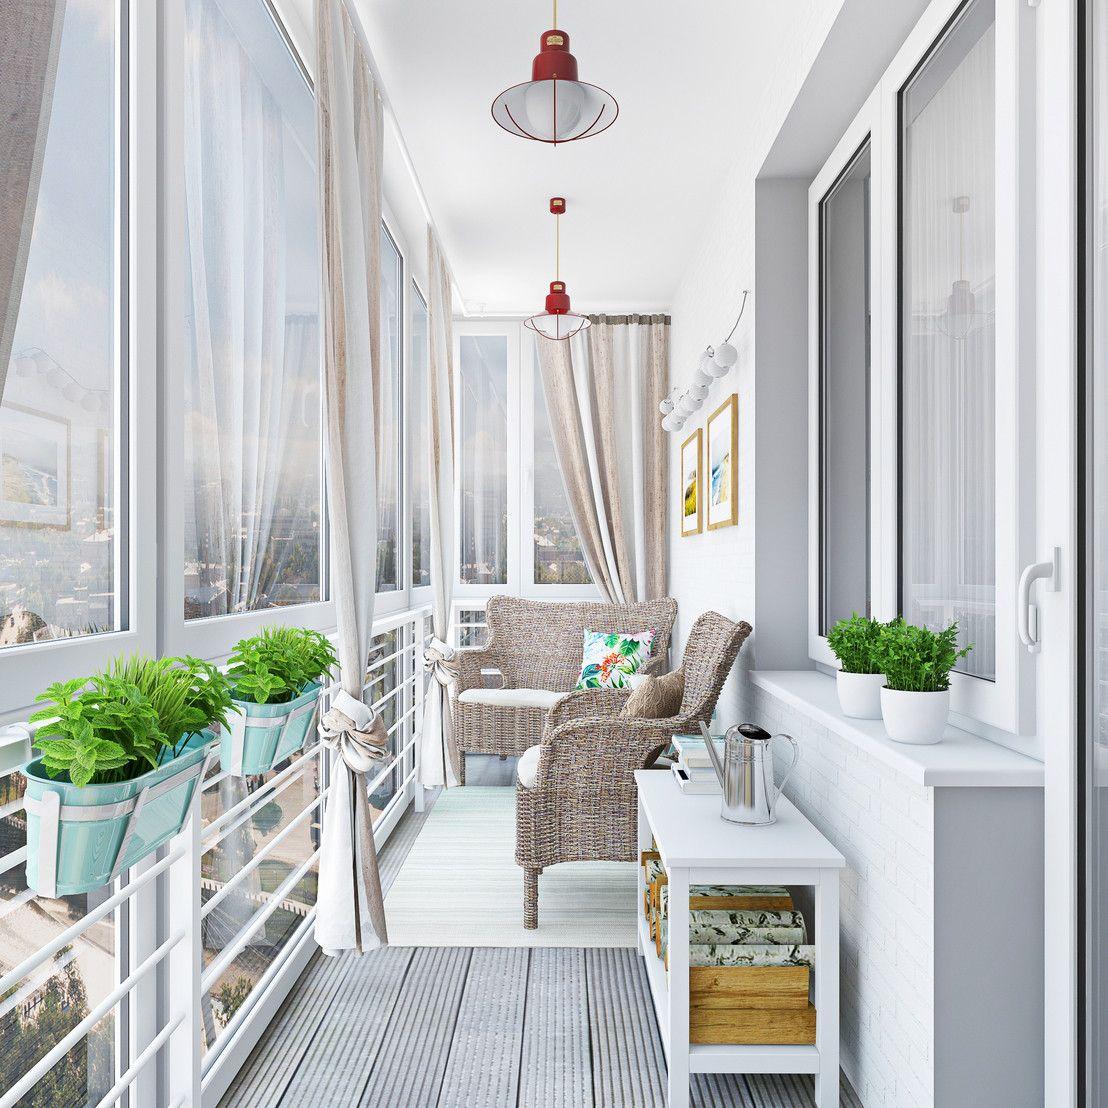 администрация сотрет уютные балконы фото нас важно